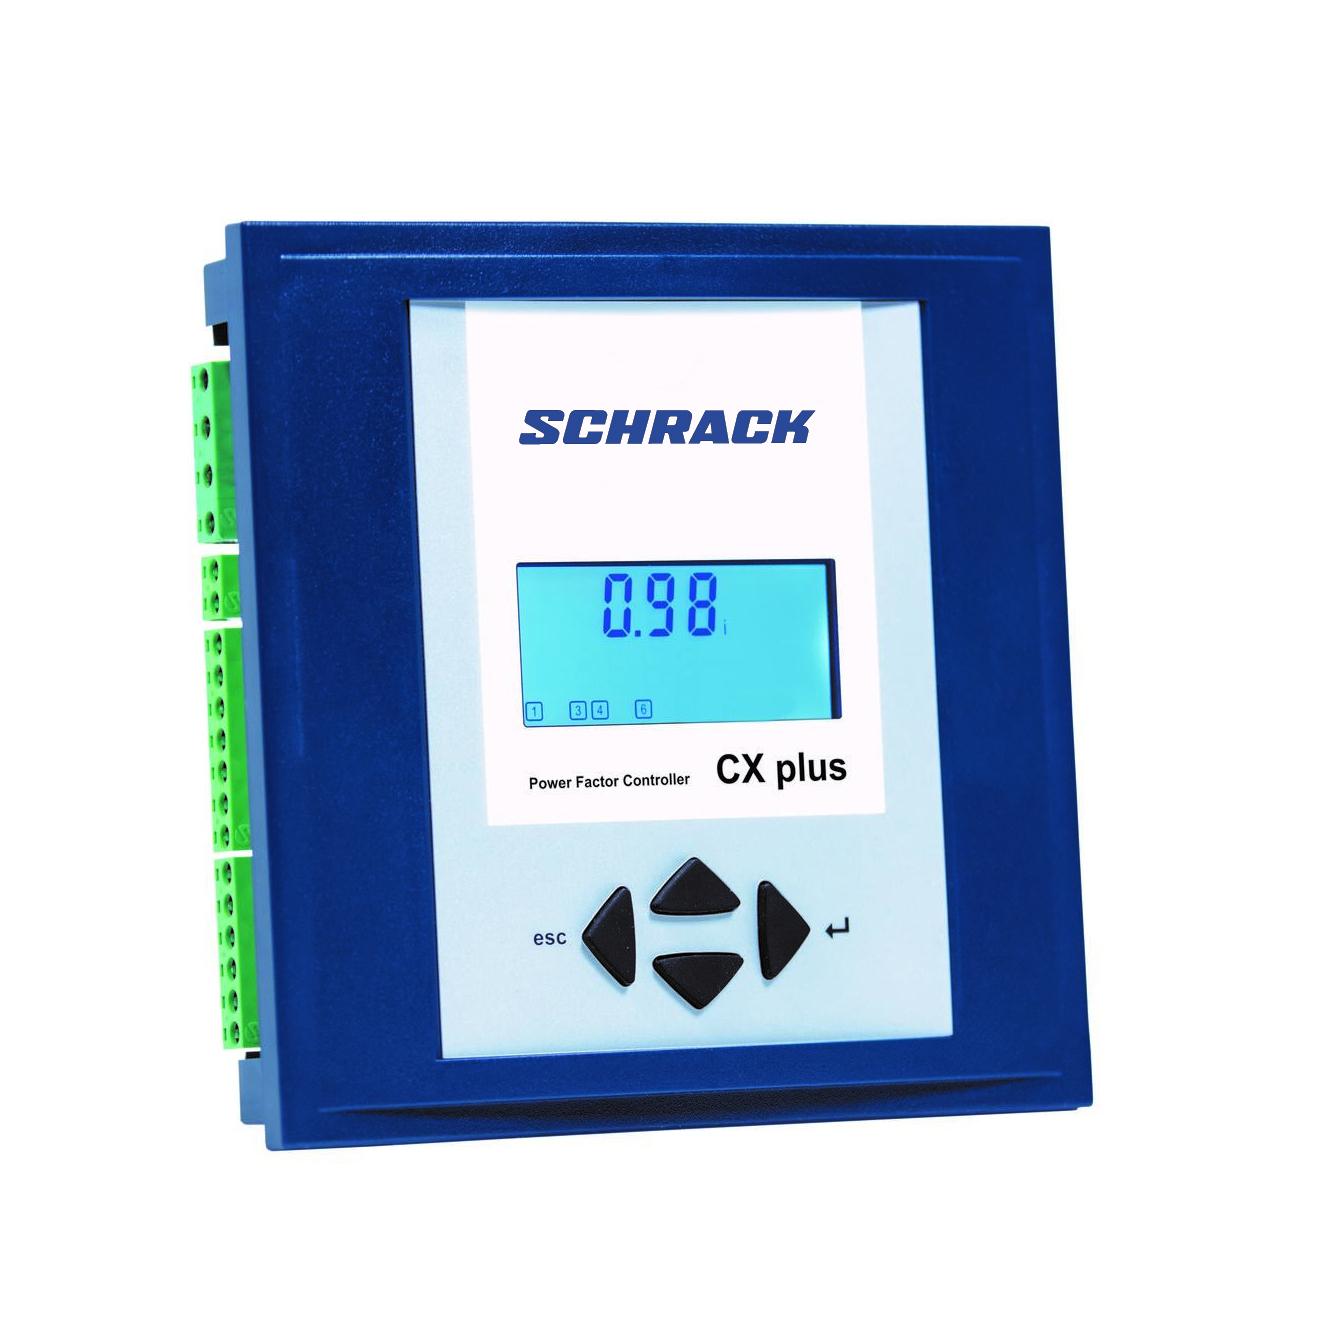 Componente si echipamente pentru compensarea factorului de putere17177